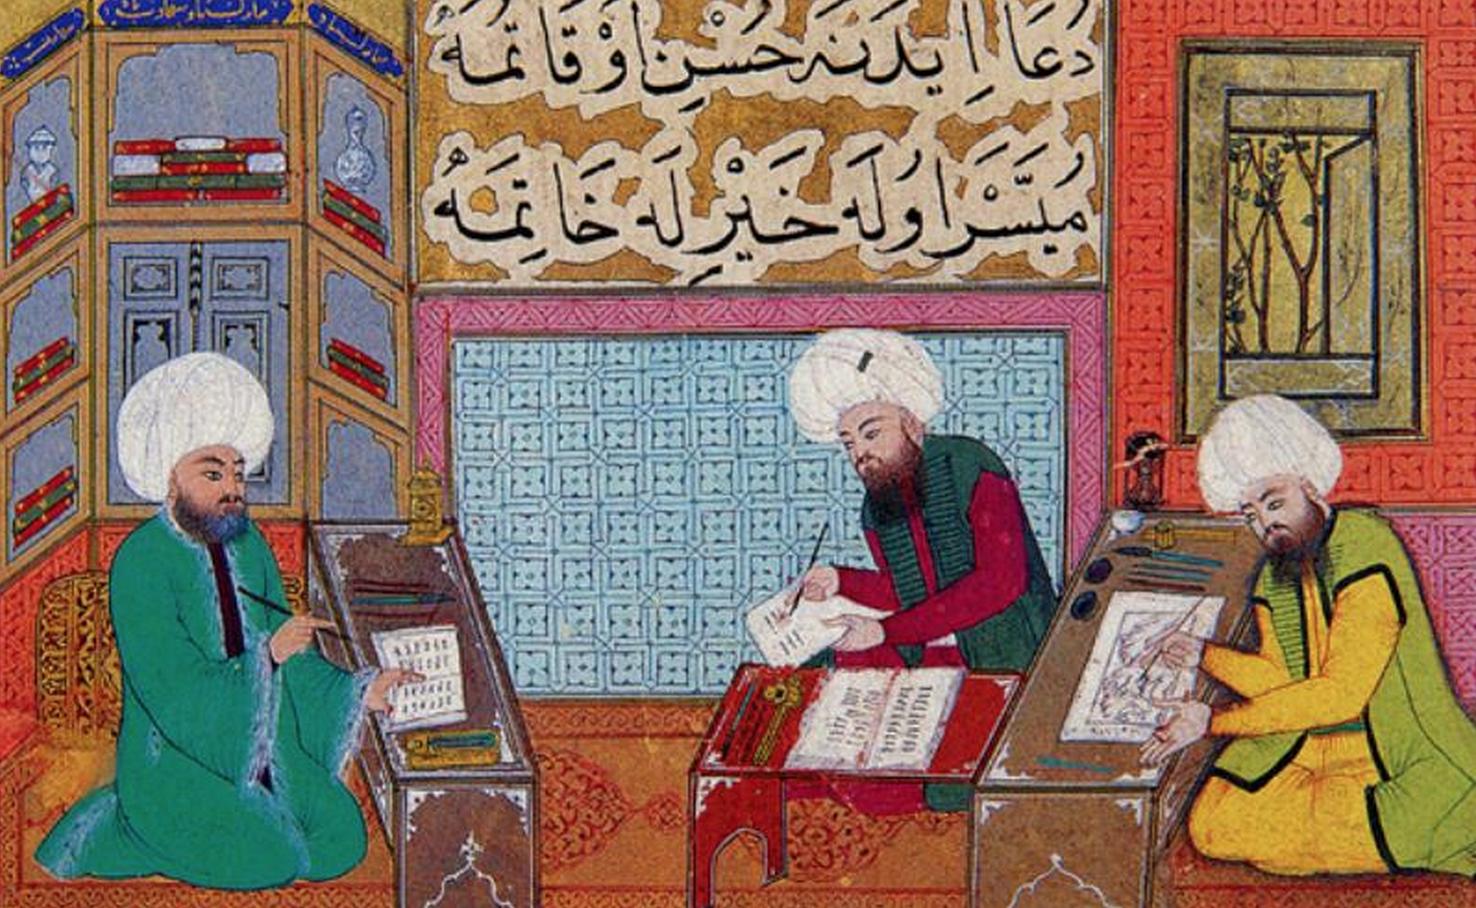 Osmanlı Dönemi Önemli Kişileri Kimdir Kronolojik Sıralama Osmanlı İmparatorluğu Dönemi Önemli Şahısları Kimdir Kronoloji Sırası